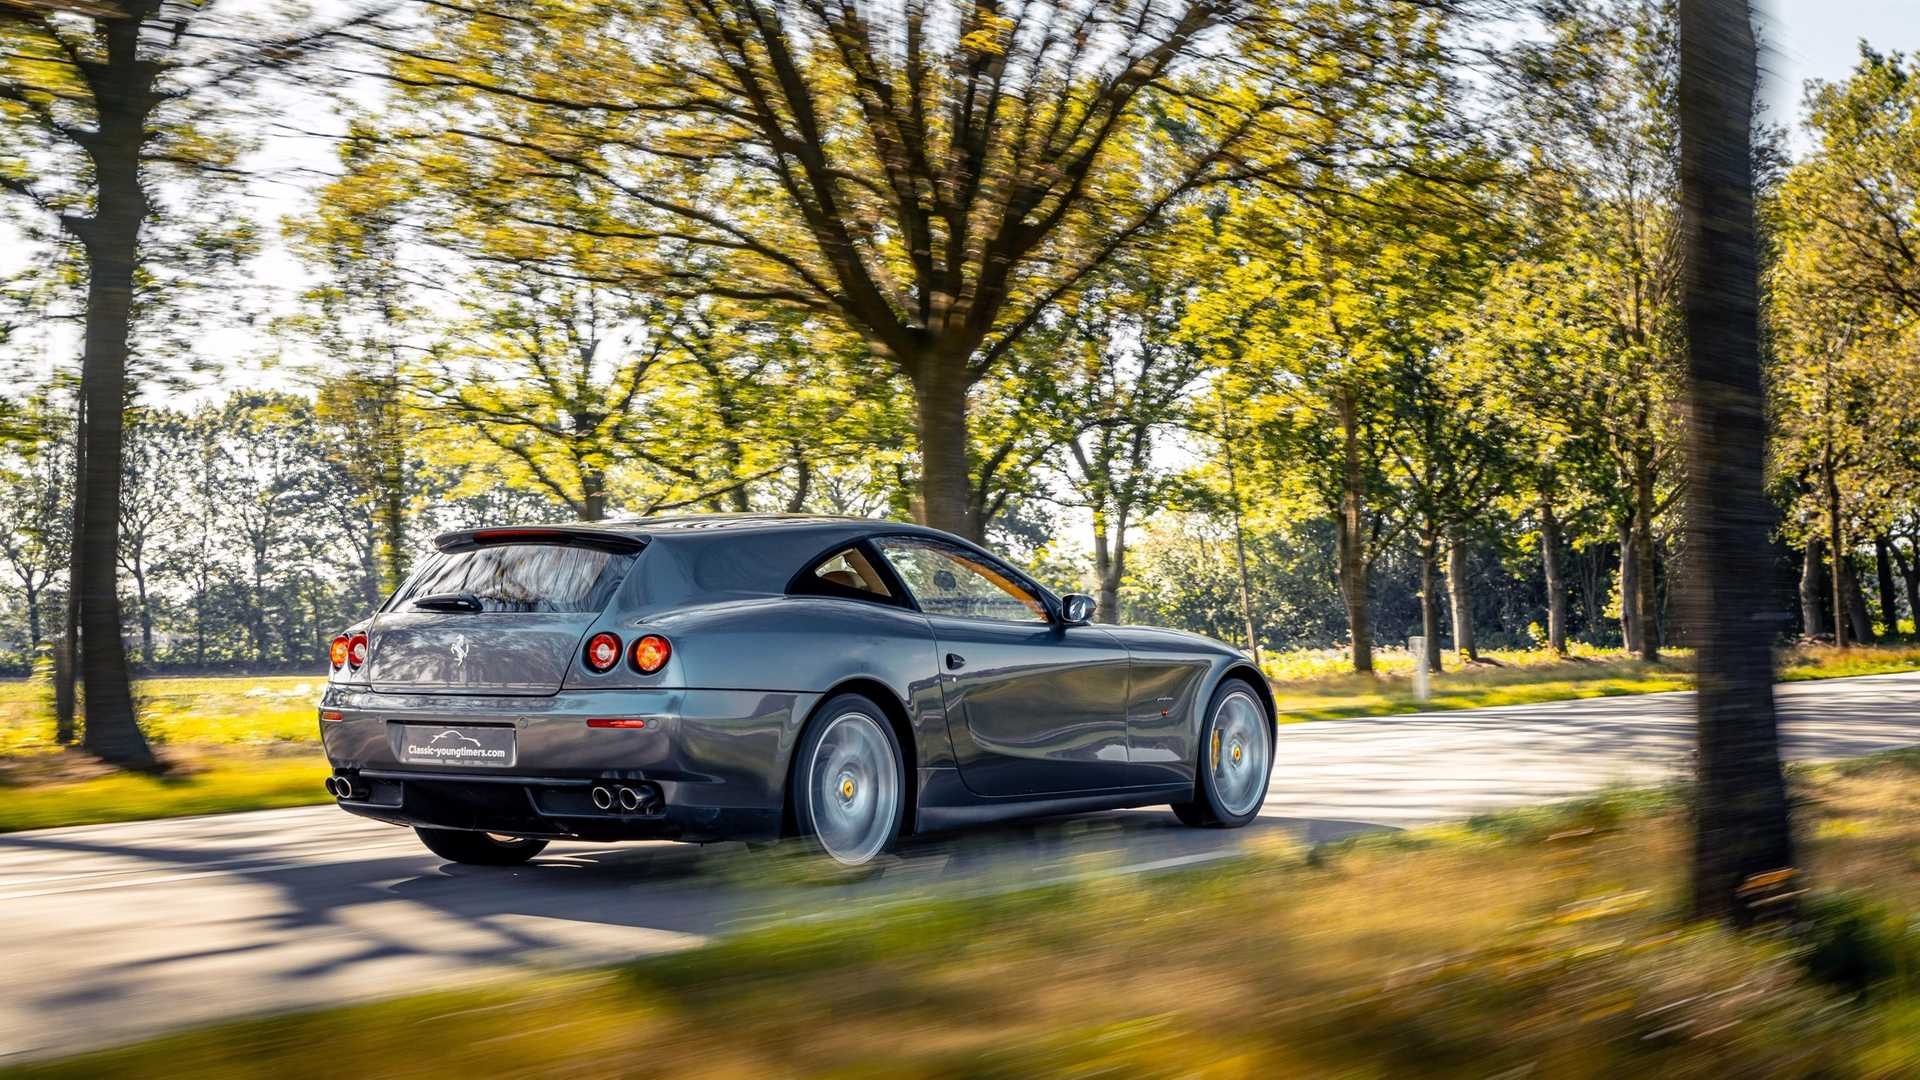 Ferrari-612-Scaglietti-Shooting-Brake-by-Vandenbrink-10